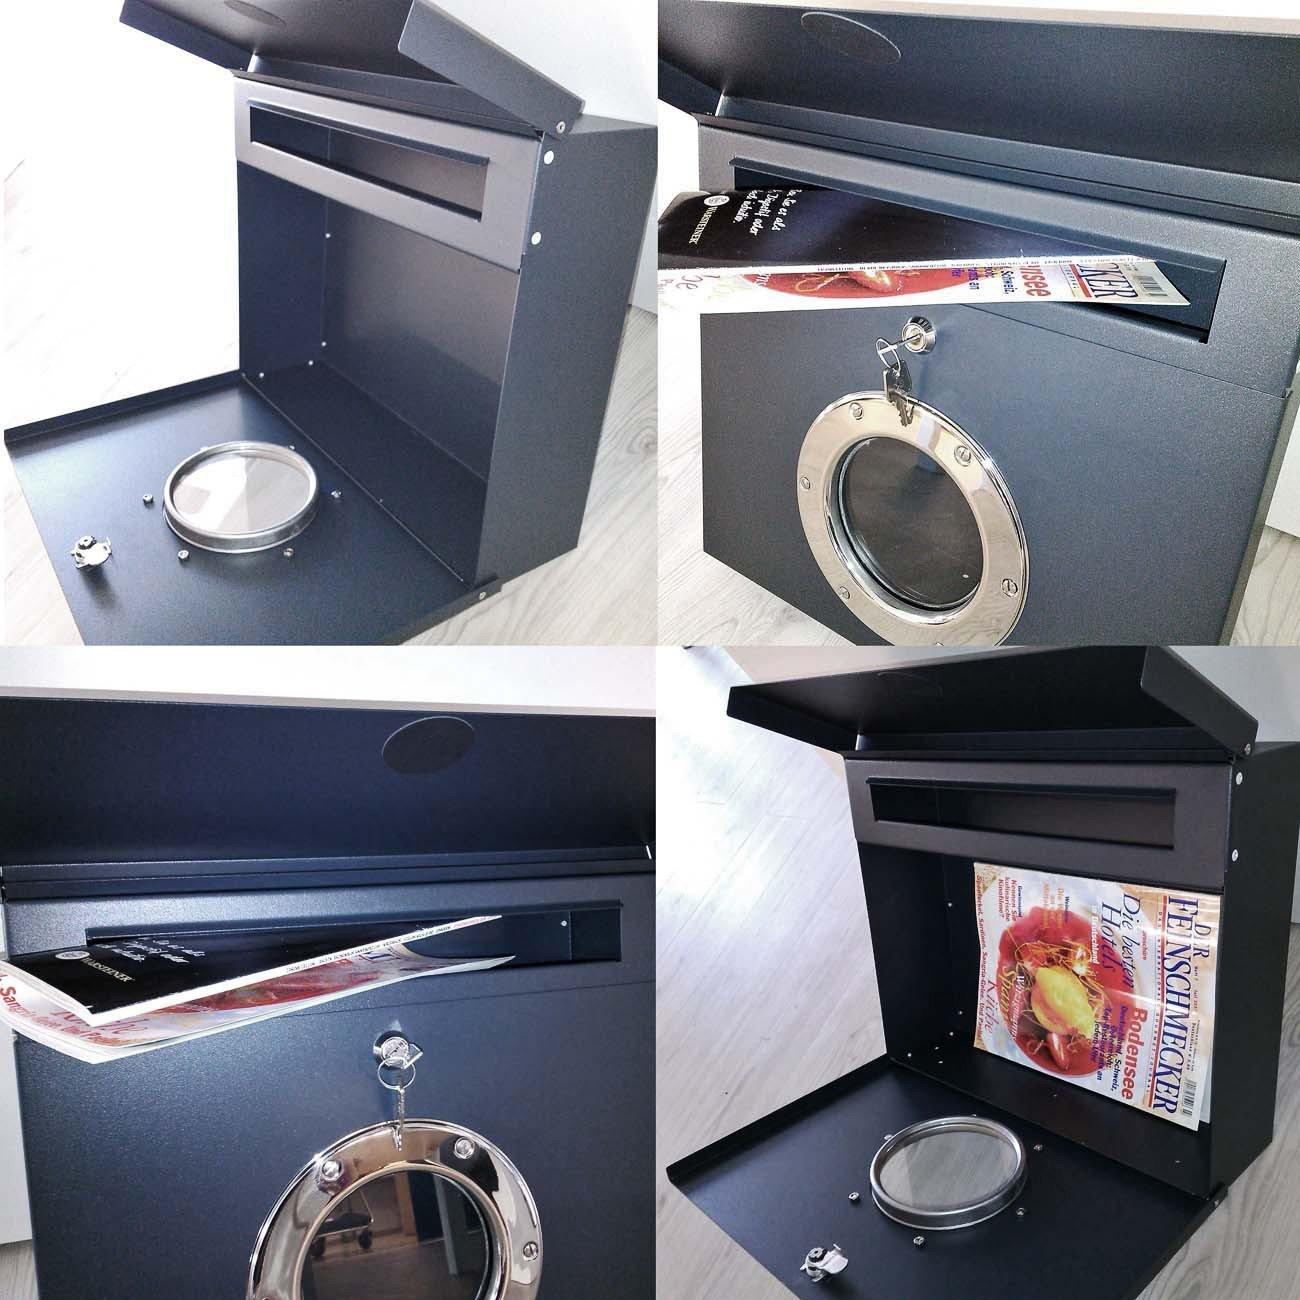 Briefkasten Radius radius letterman i briefkasten mit bullauge postkasten